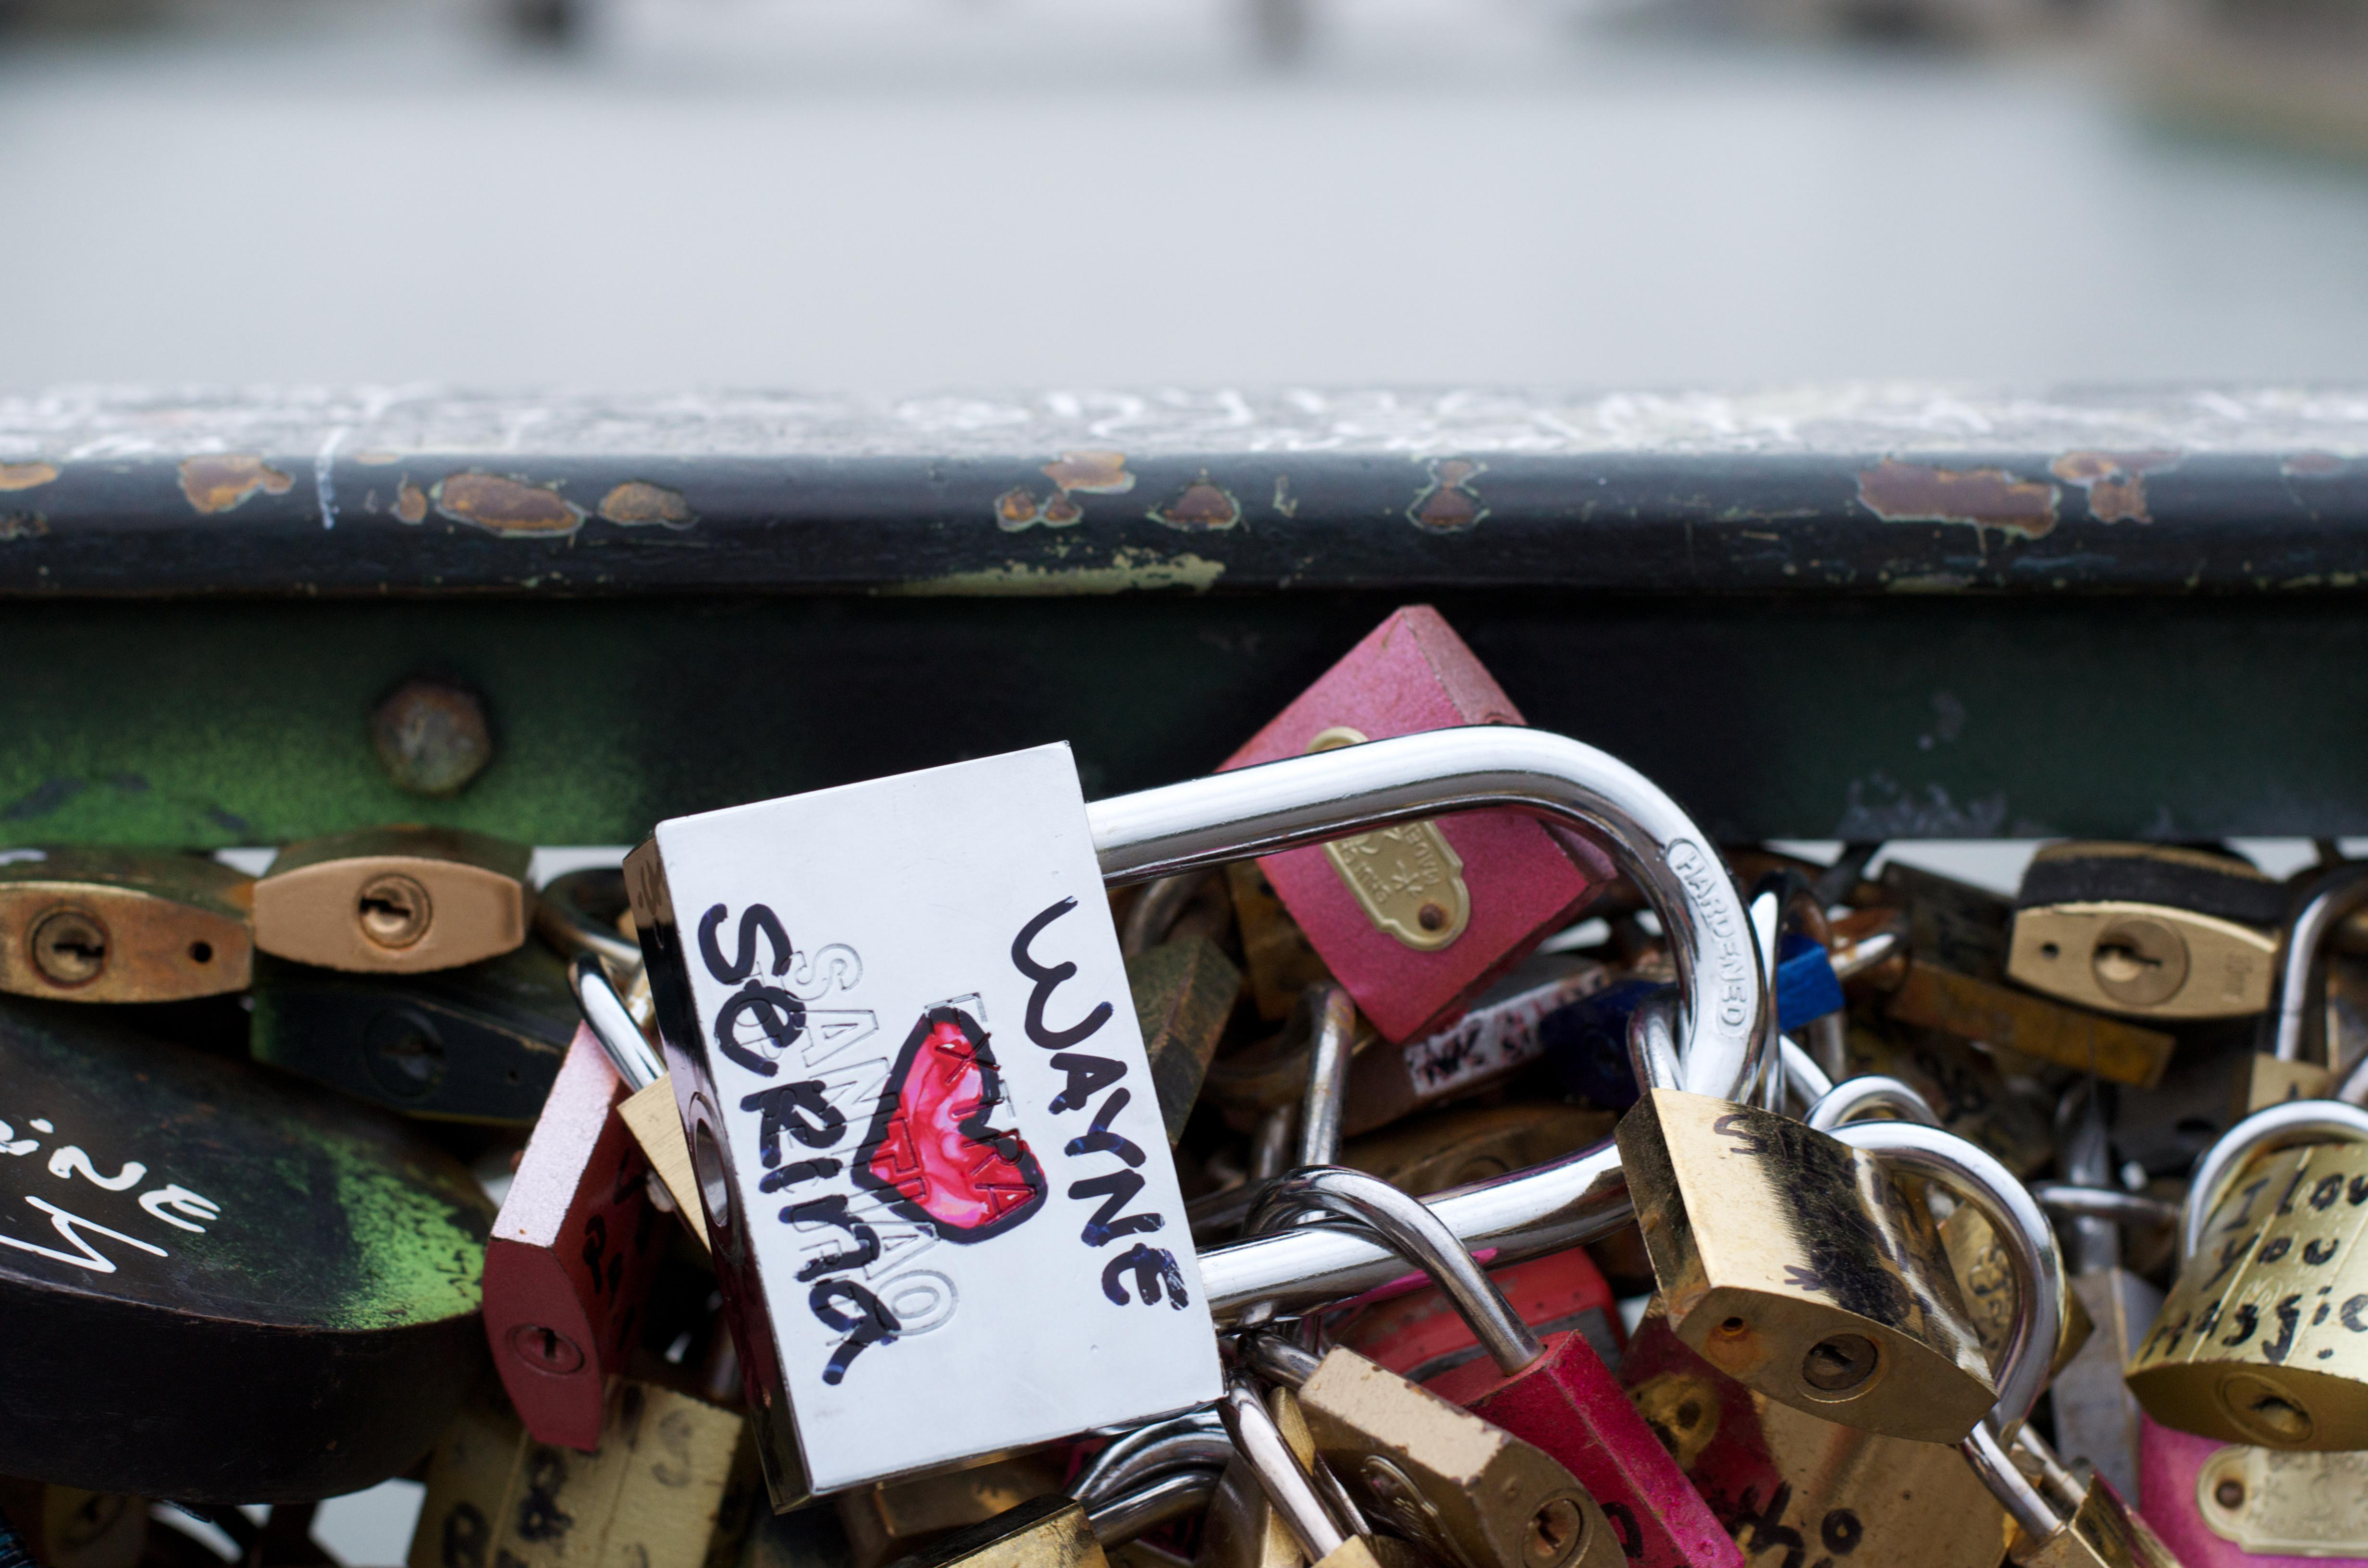 pont-des-arts_14033939564_o